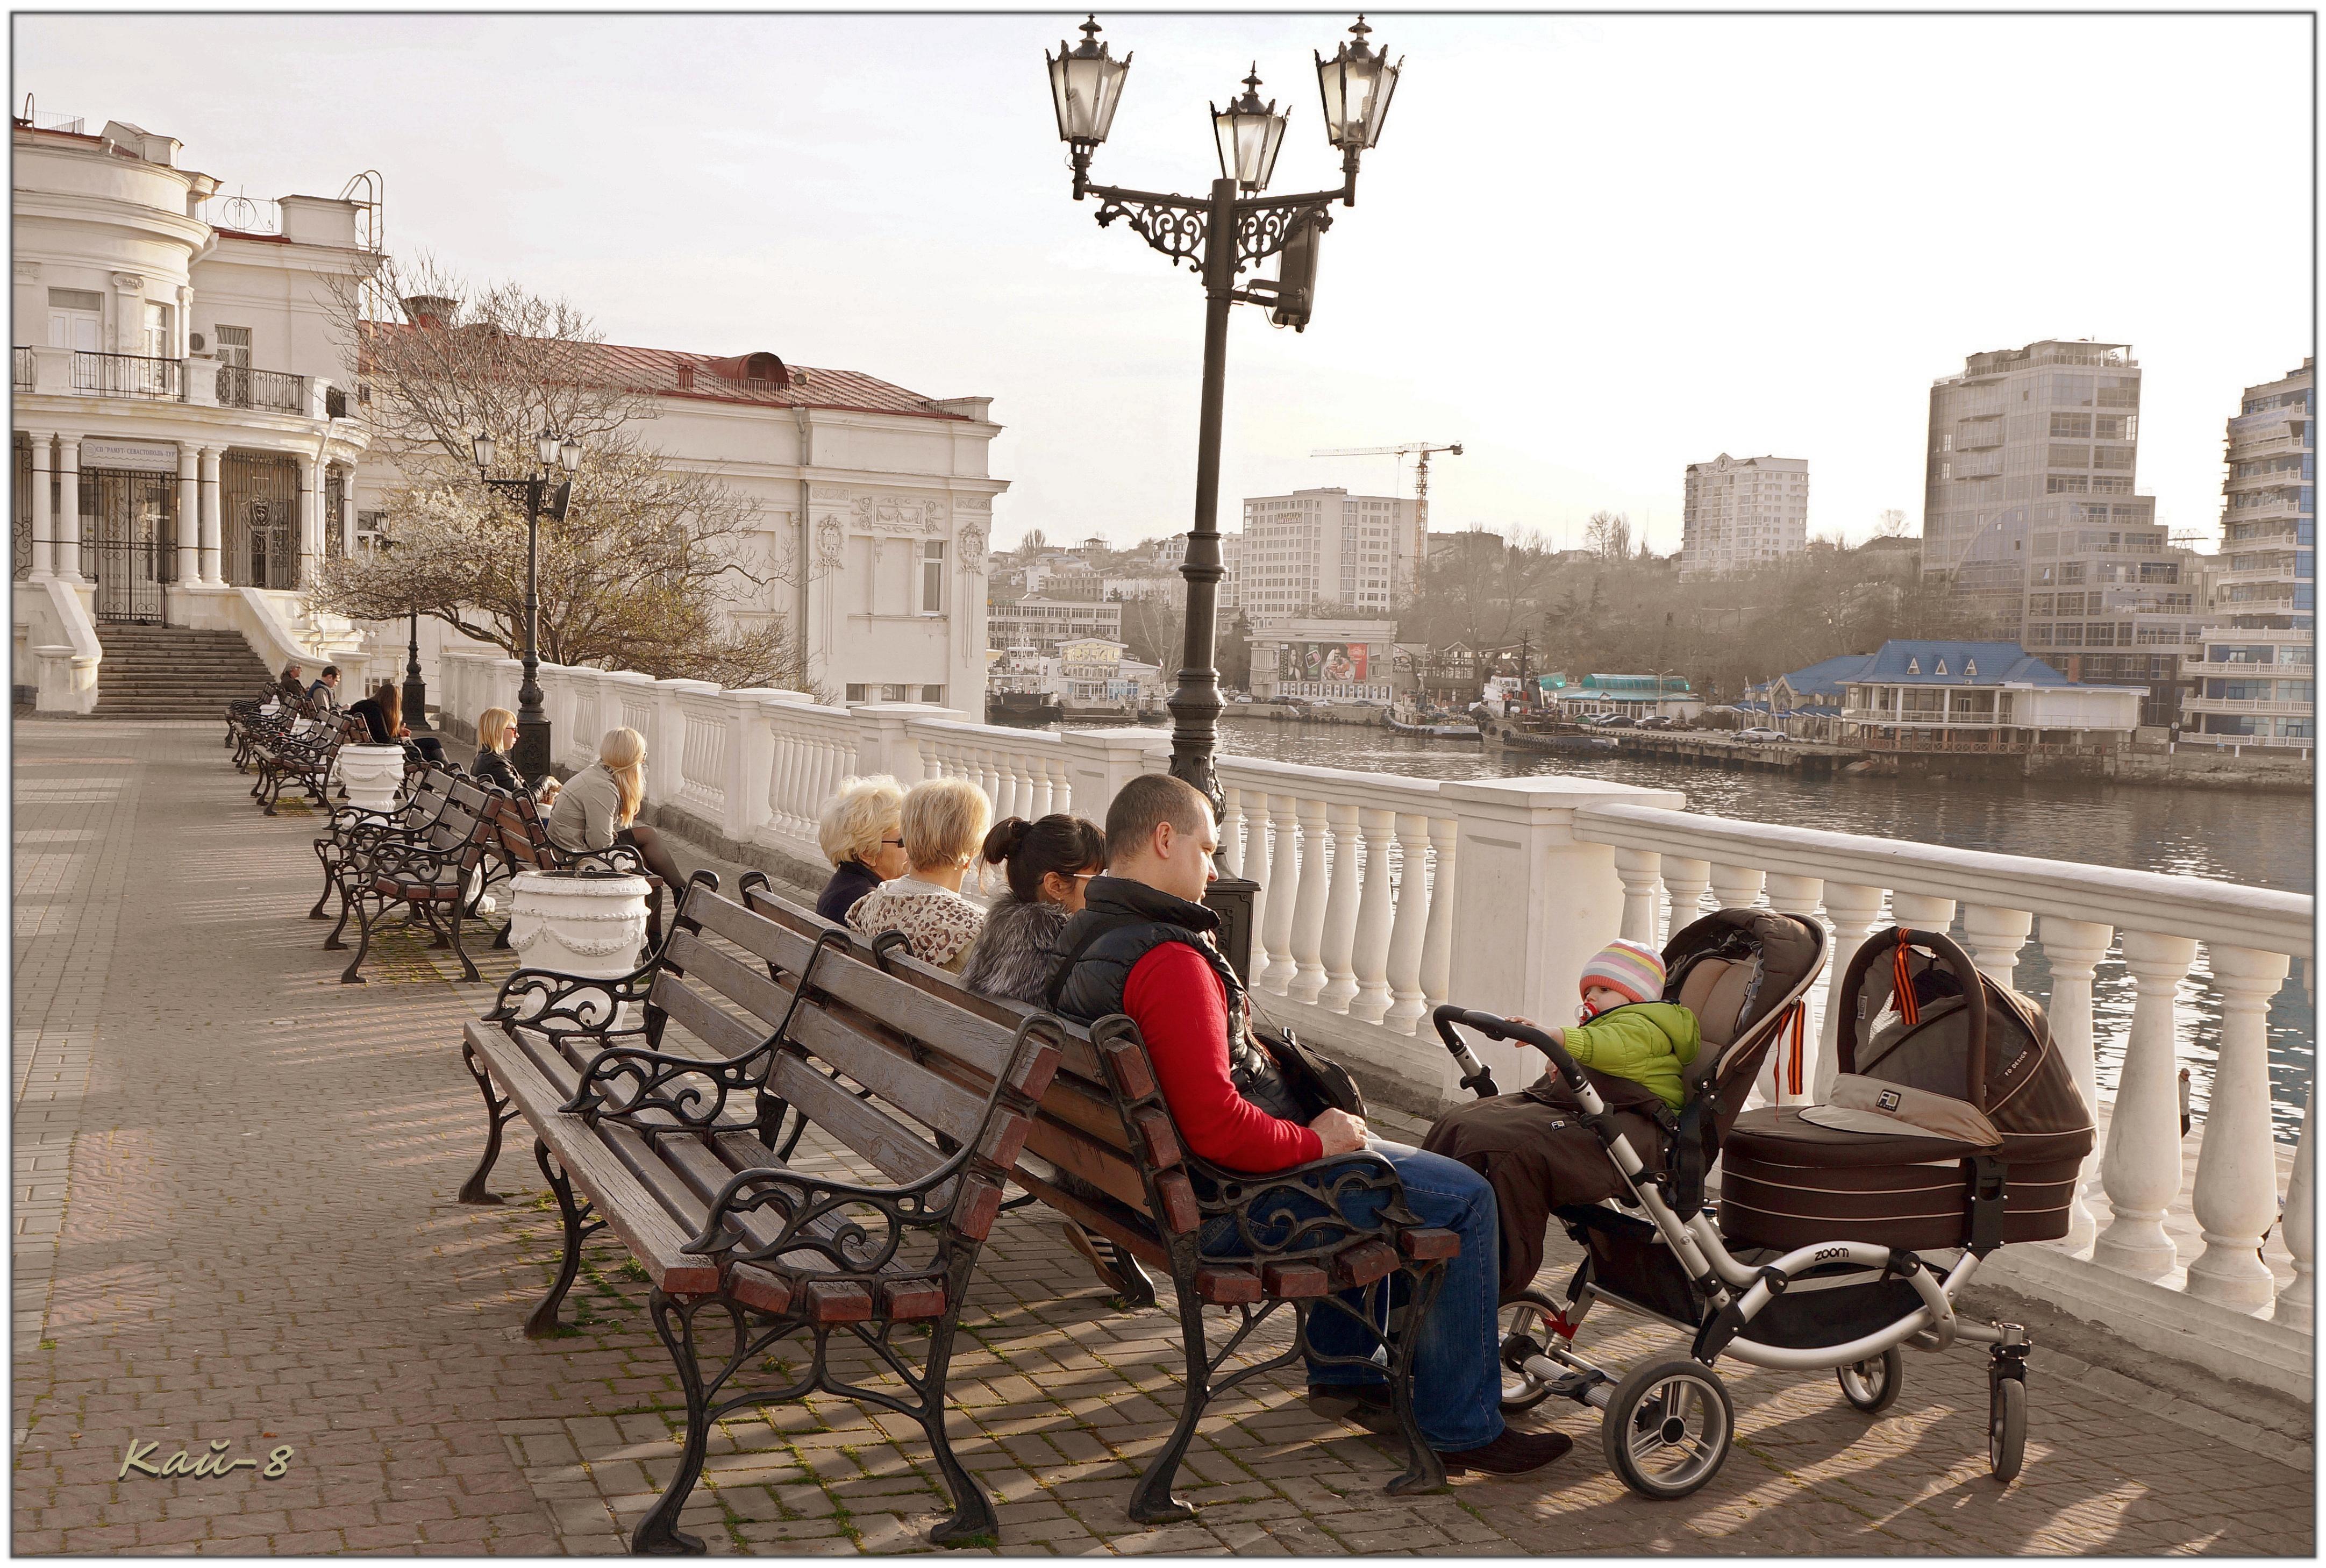 http://img-fotki.yandex.ru/get/9761/128723033.fa/0_d3445_201a0ef3_orig